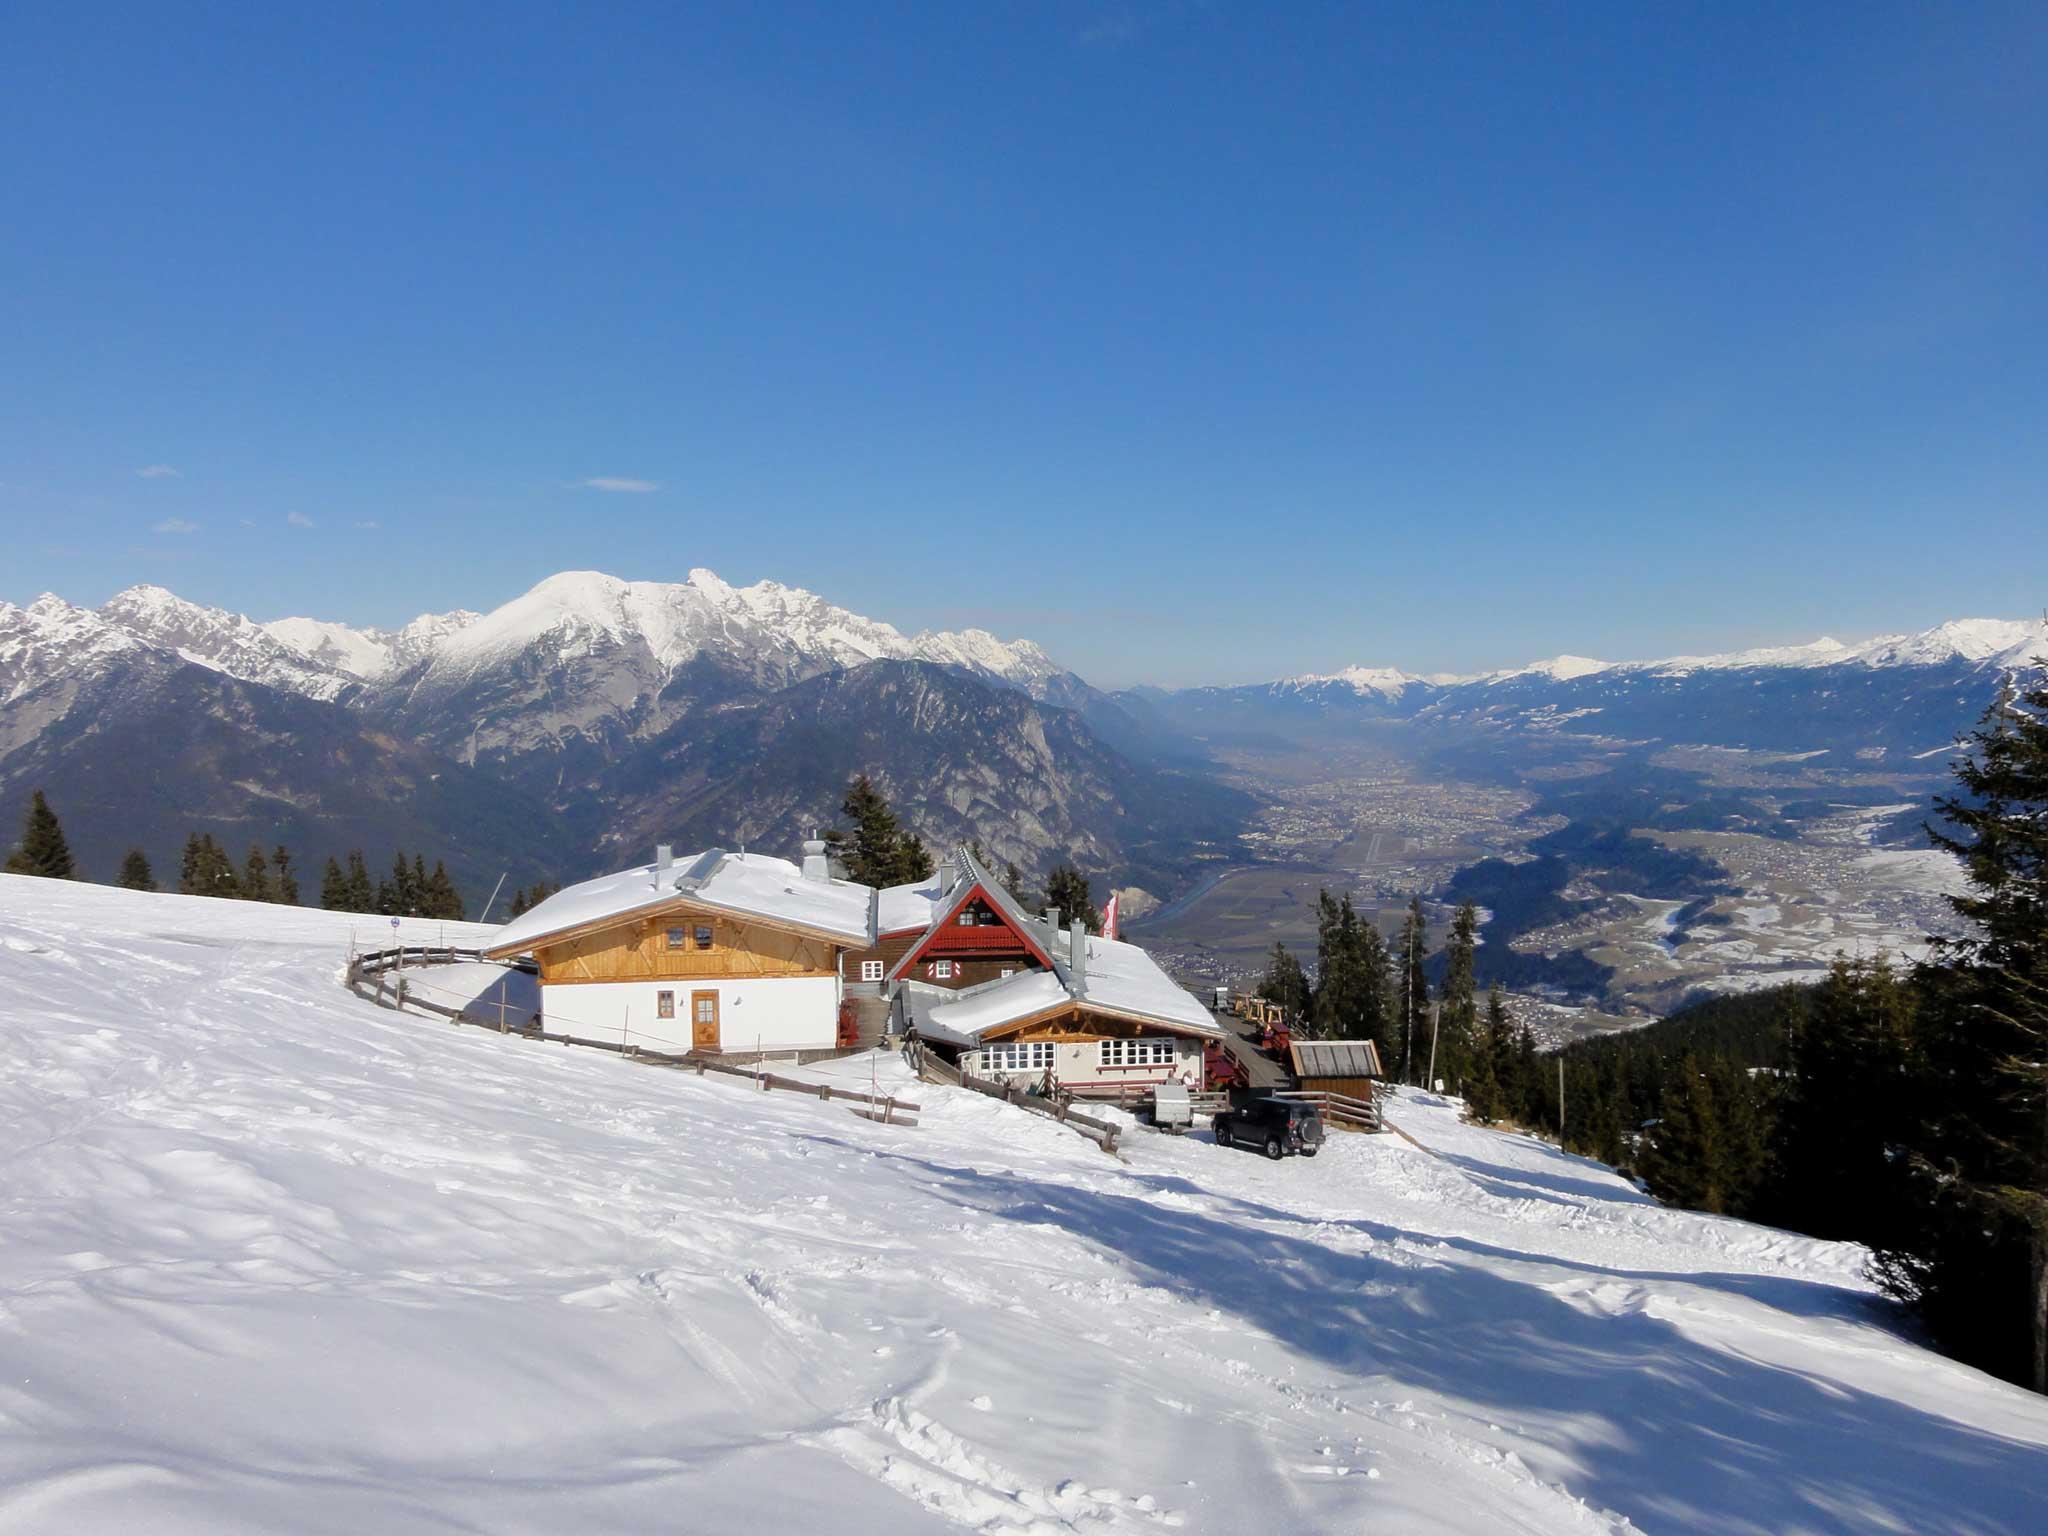 Aussichtspunkt Inntalblick Oberperfuss/Rosskogelhuette